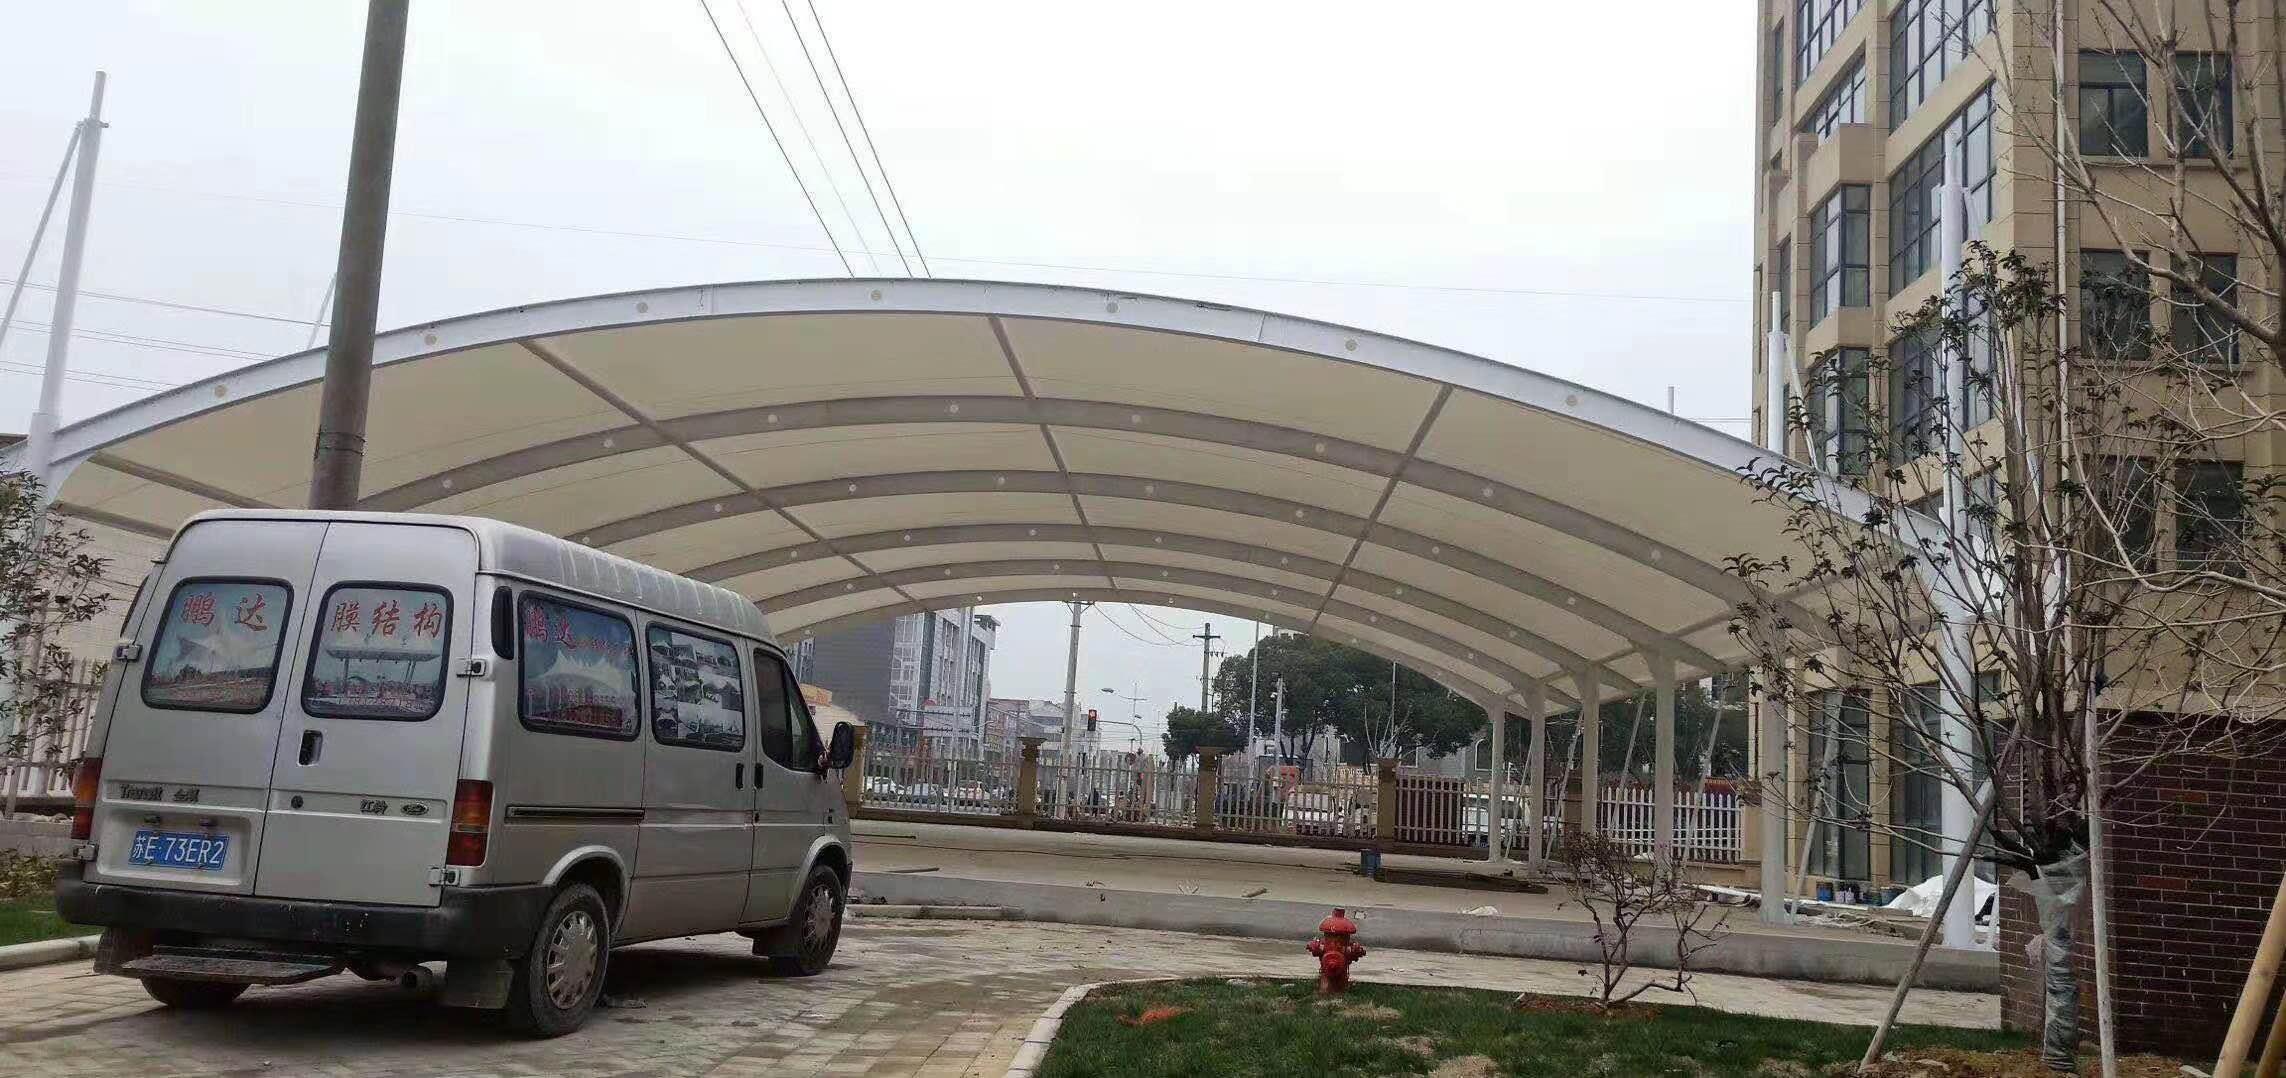 小区膜结构遮雨棚